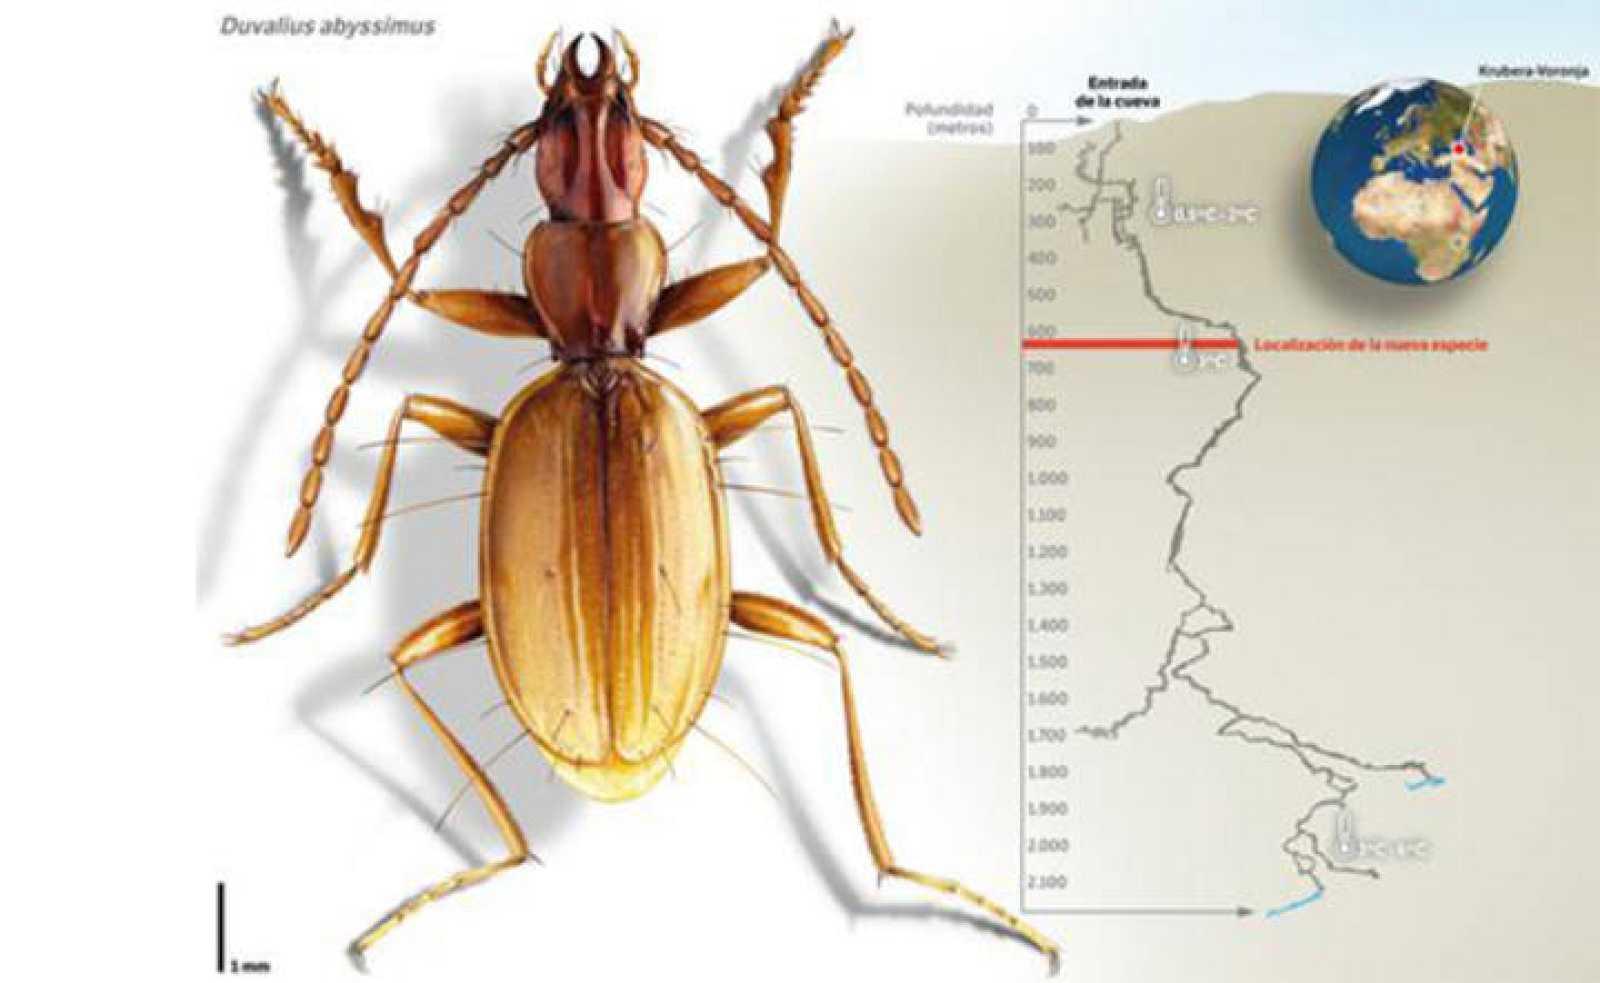 Ilustración de la nueva especie de escarabajo, Duvalius abyssimus.